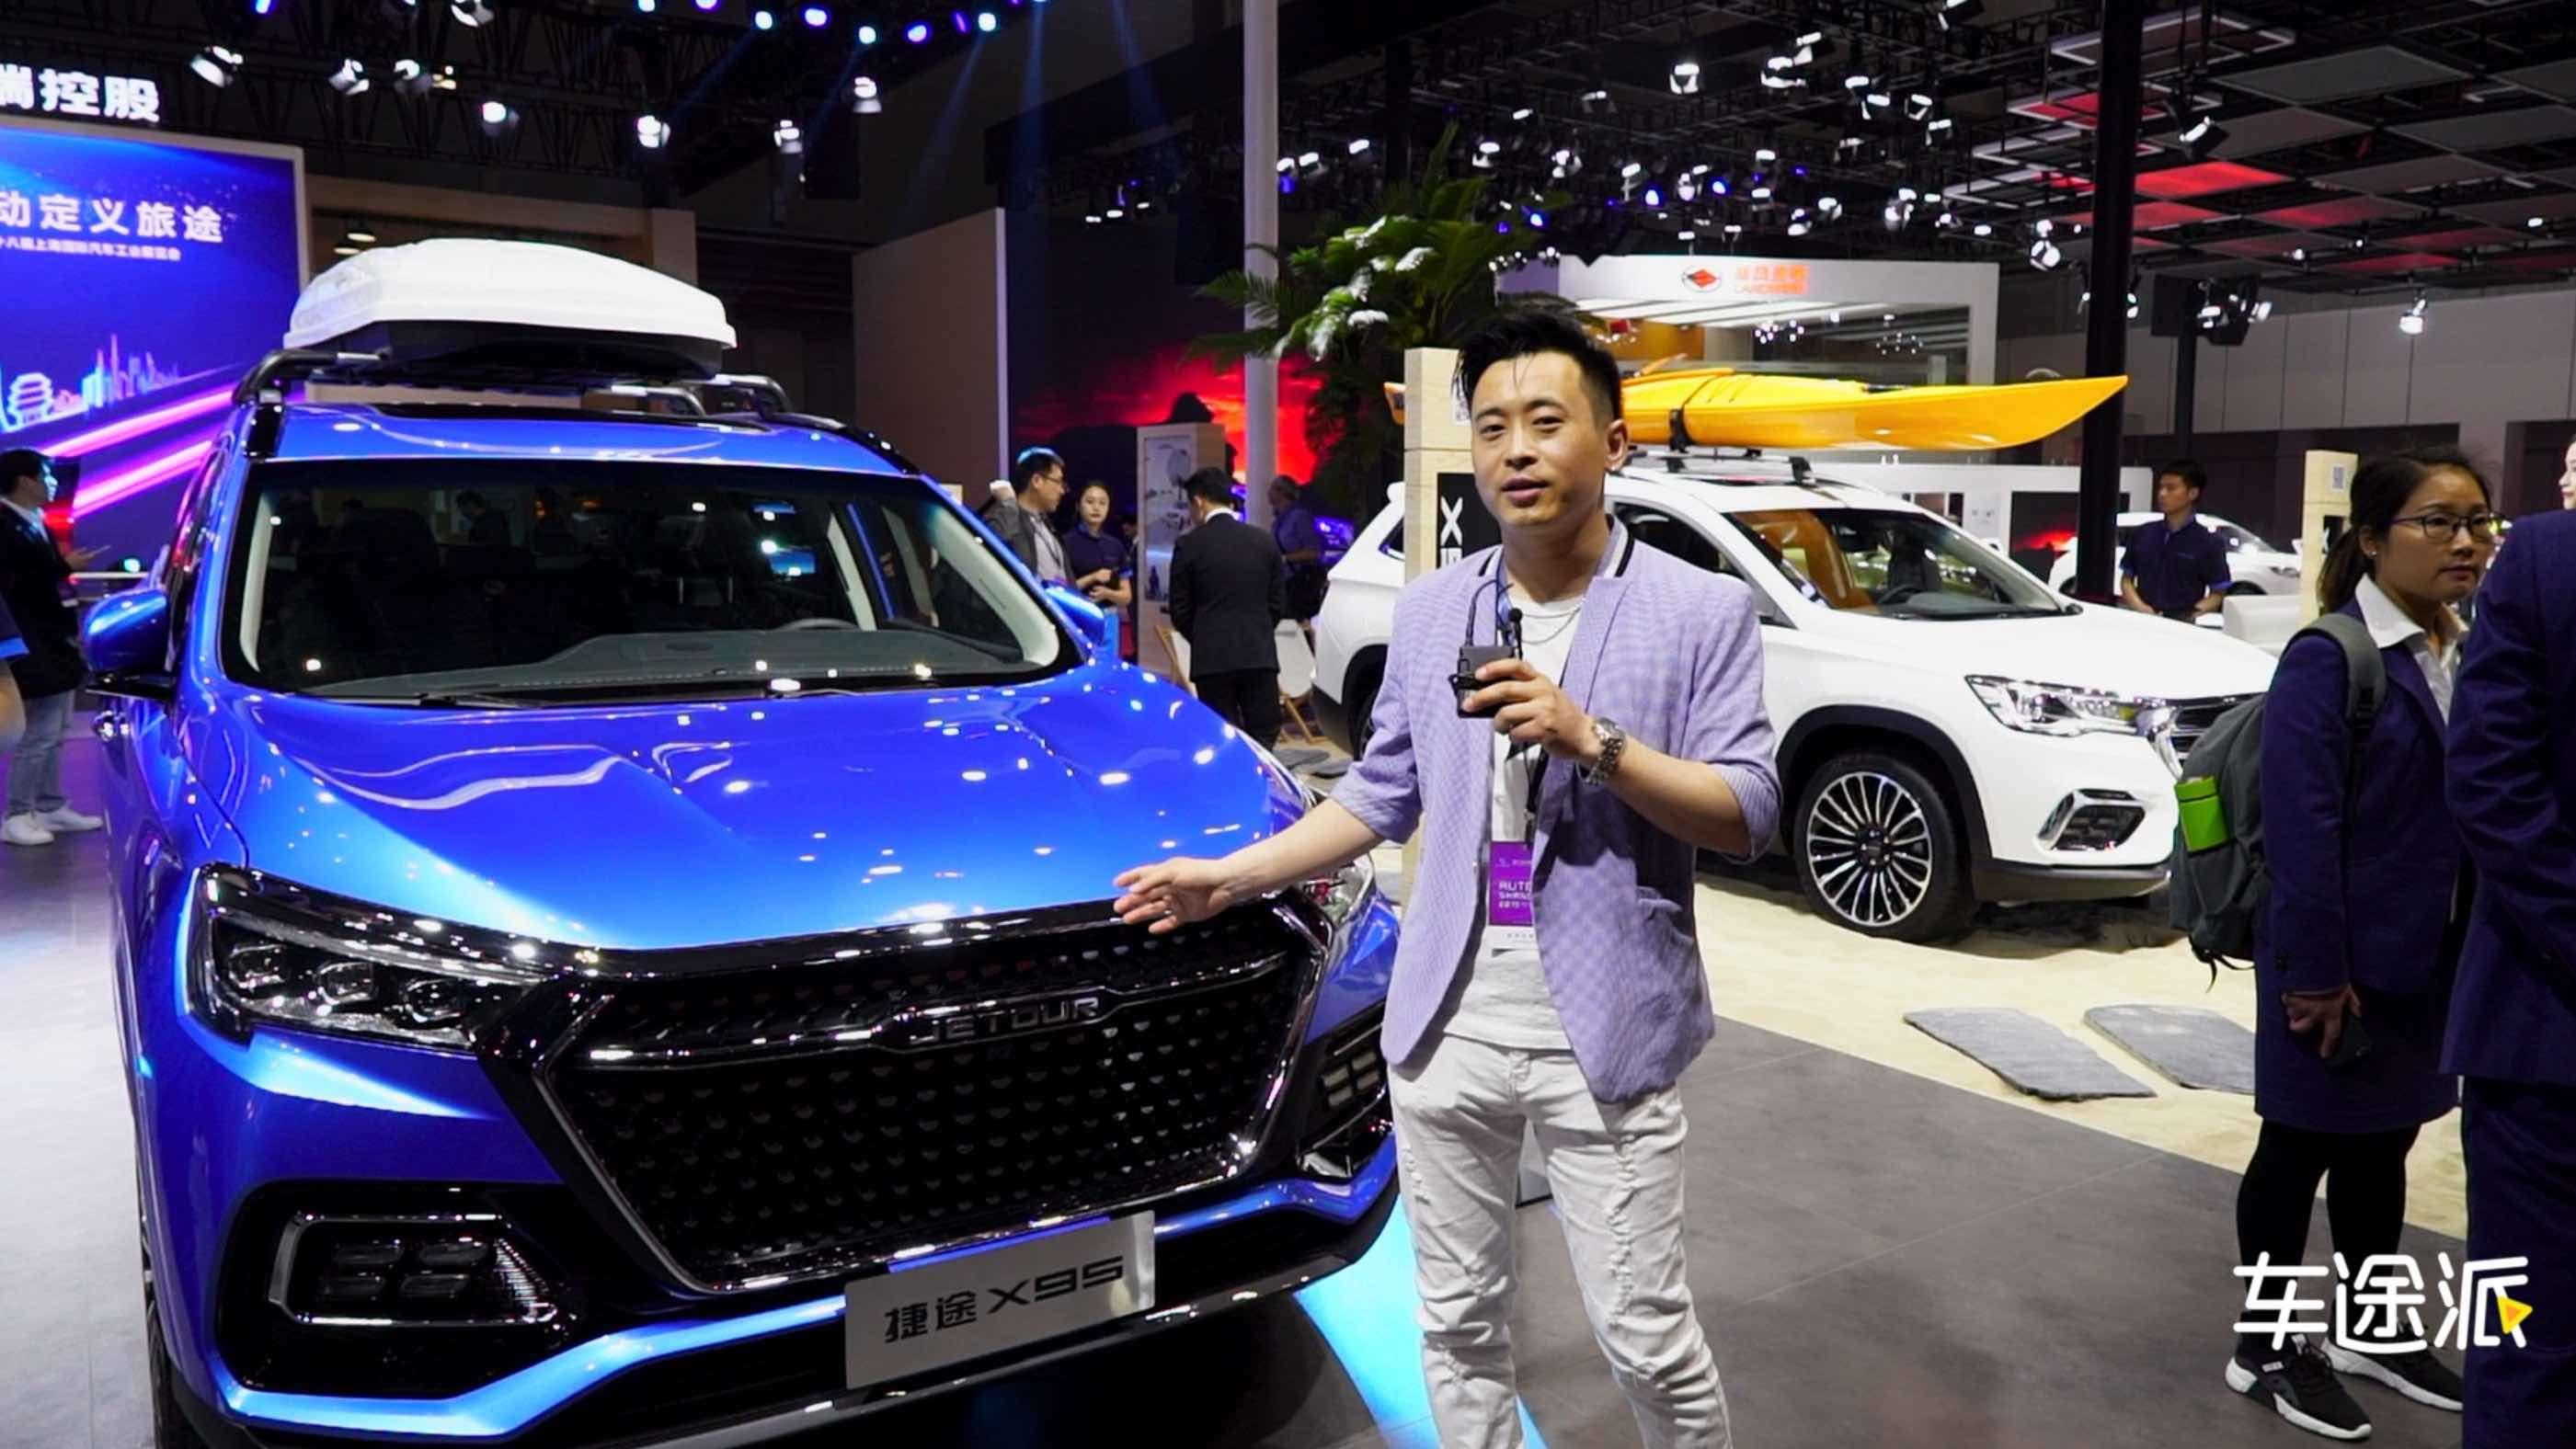 捷途X95上海车展亮相,有哪些亮点值得期待?